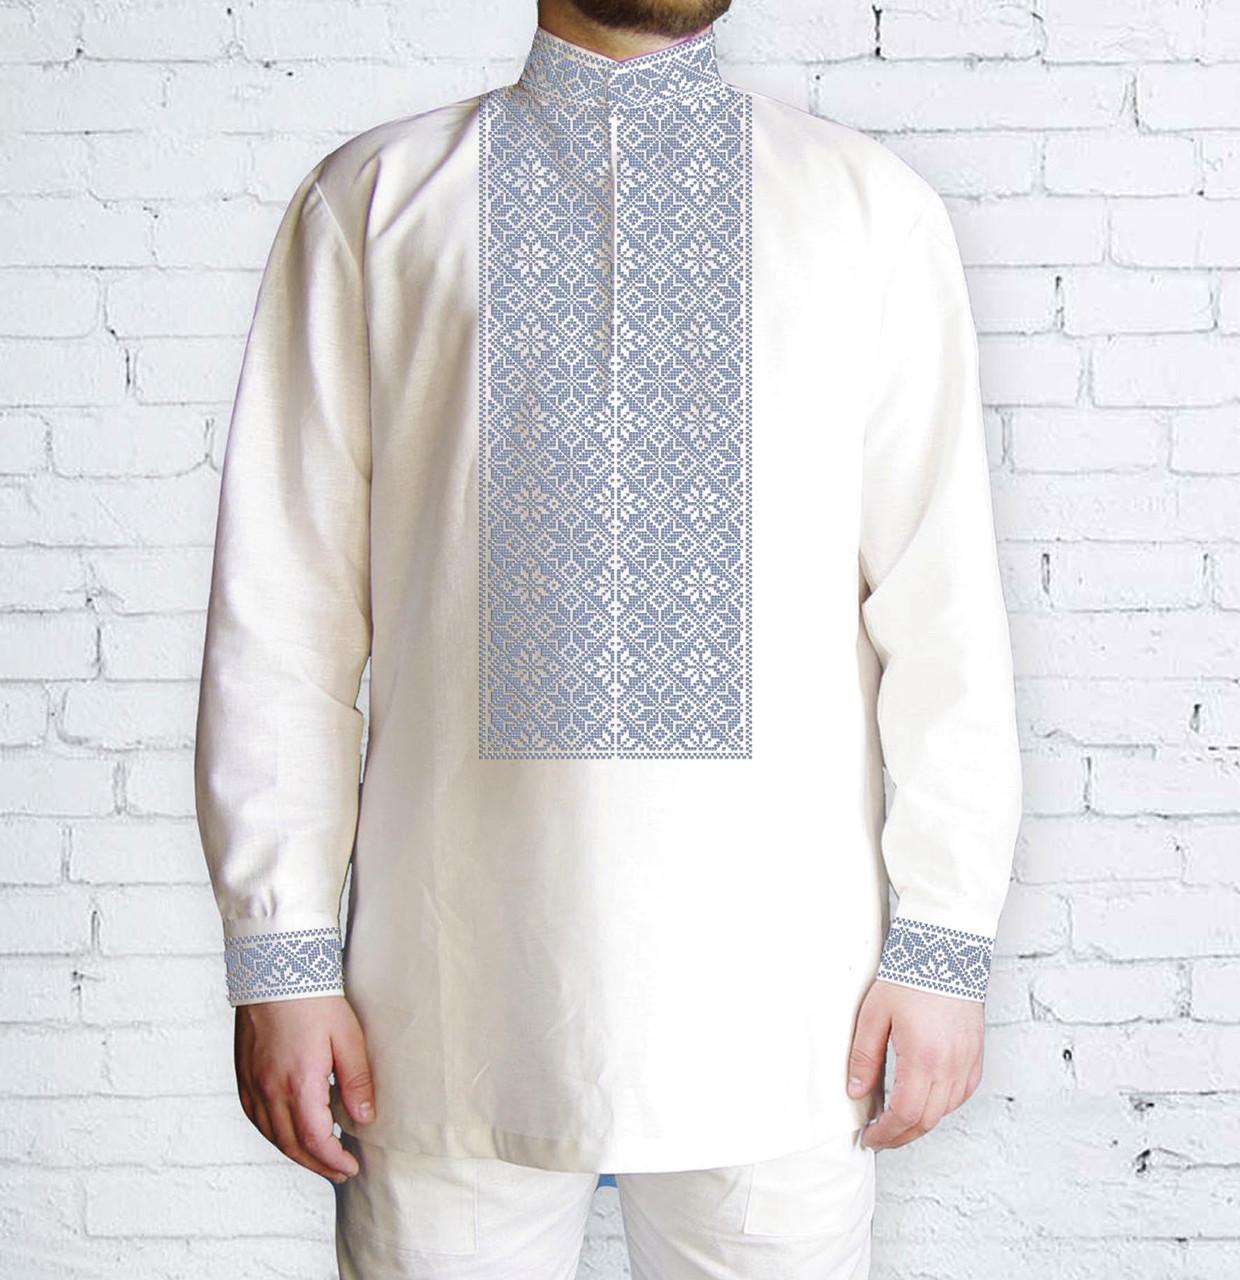 Заготовка чоловічої сорочки та вишиванки для вишивки чи вишивання бісером Бисерок «Ромби голубі 509 Г» (Ч-509 Г )